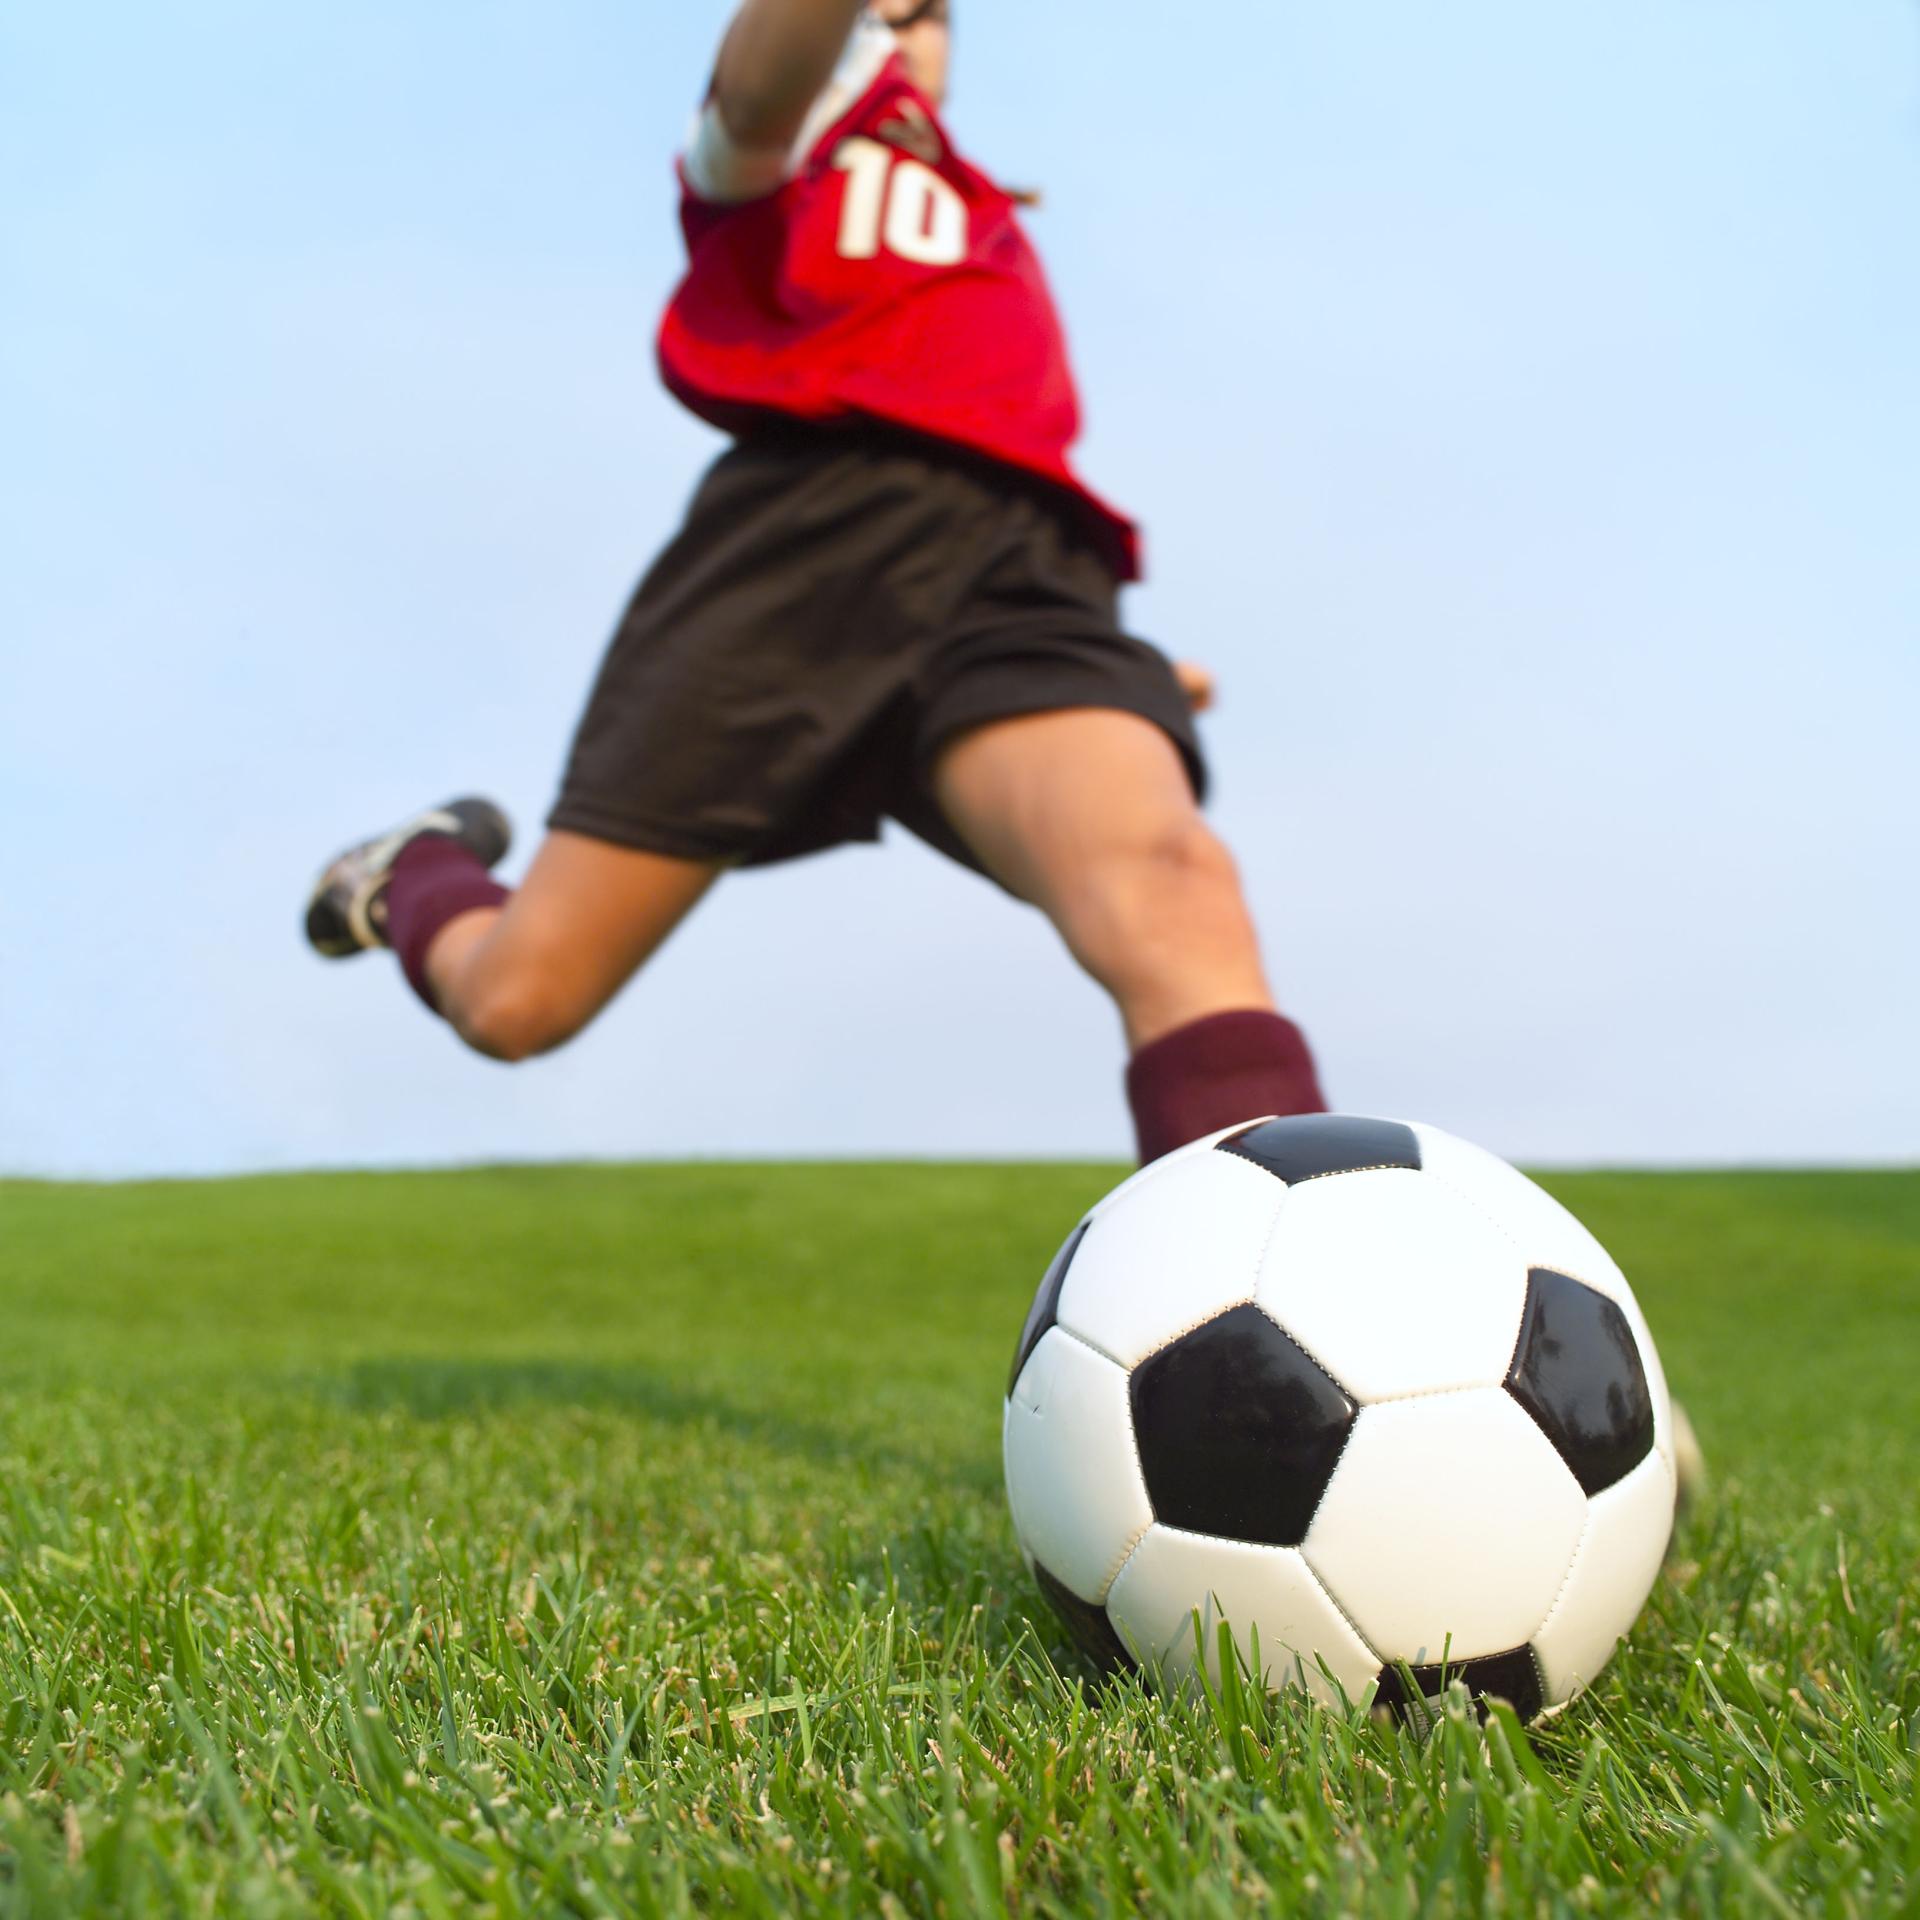 Анимашки, день футбола картинки для детей